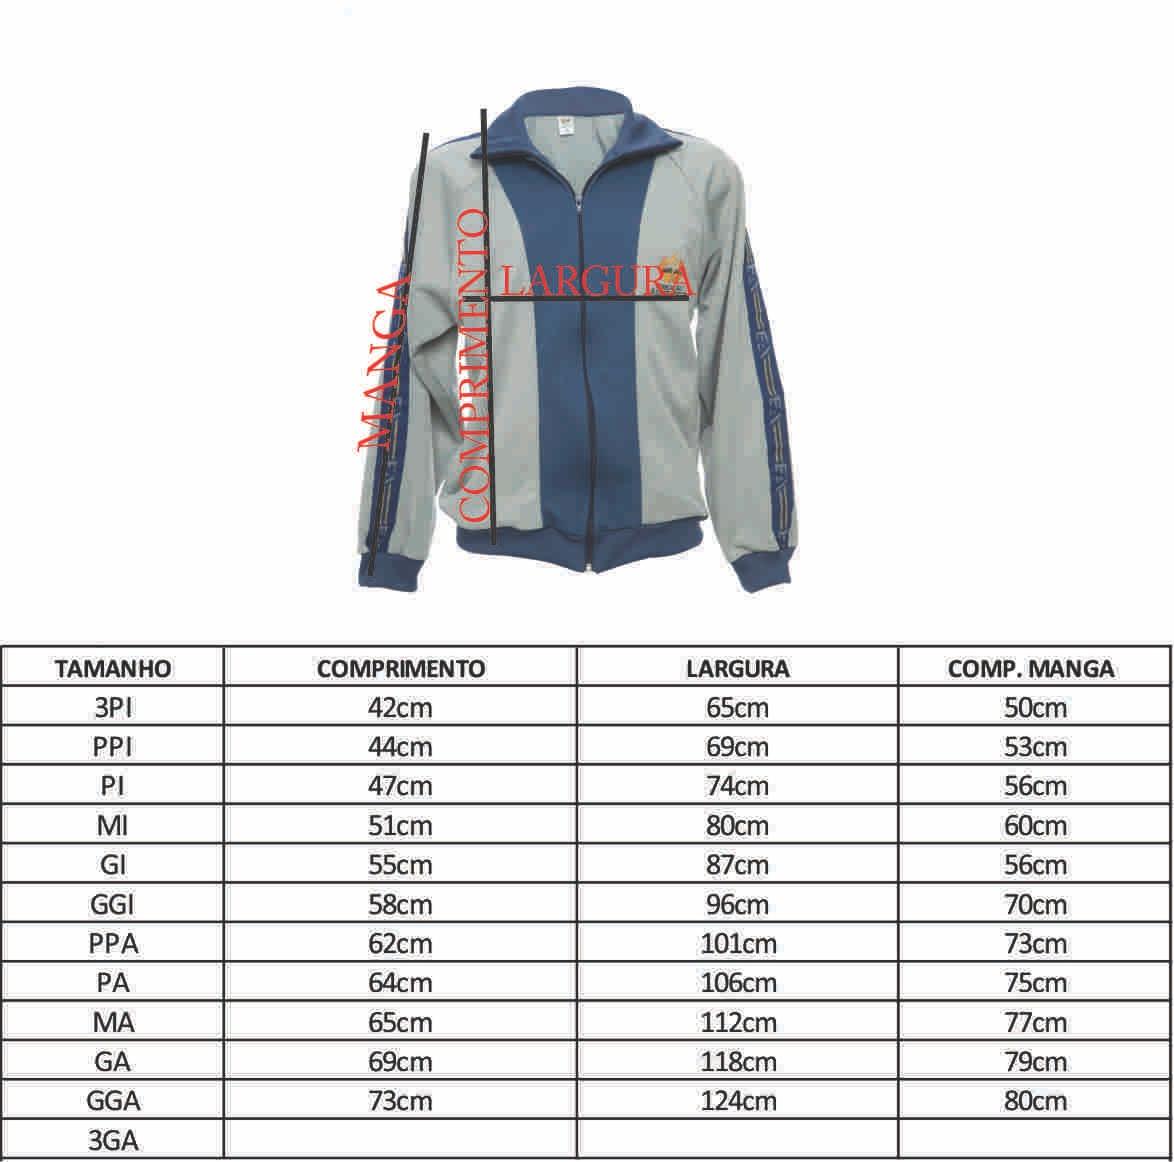 Blusão de Agasalho - PPI ( 4 )